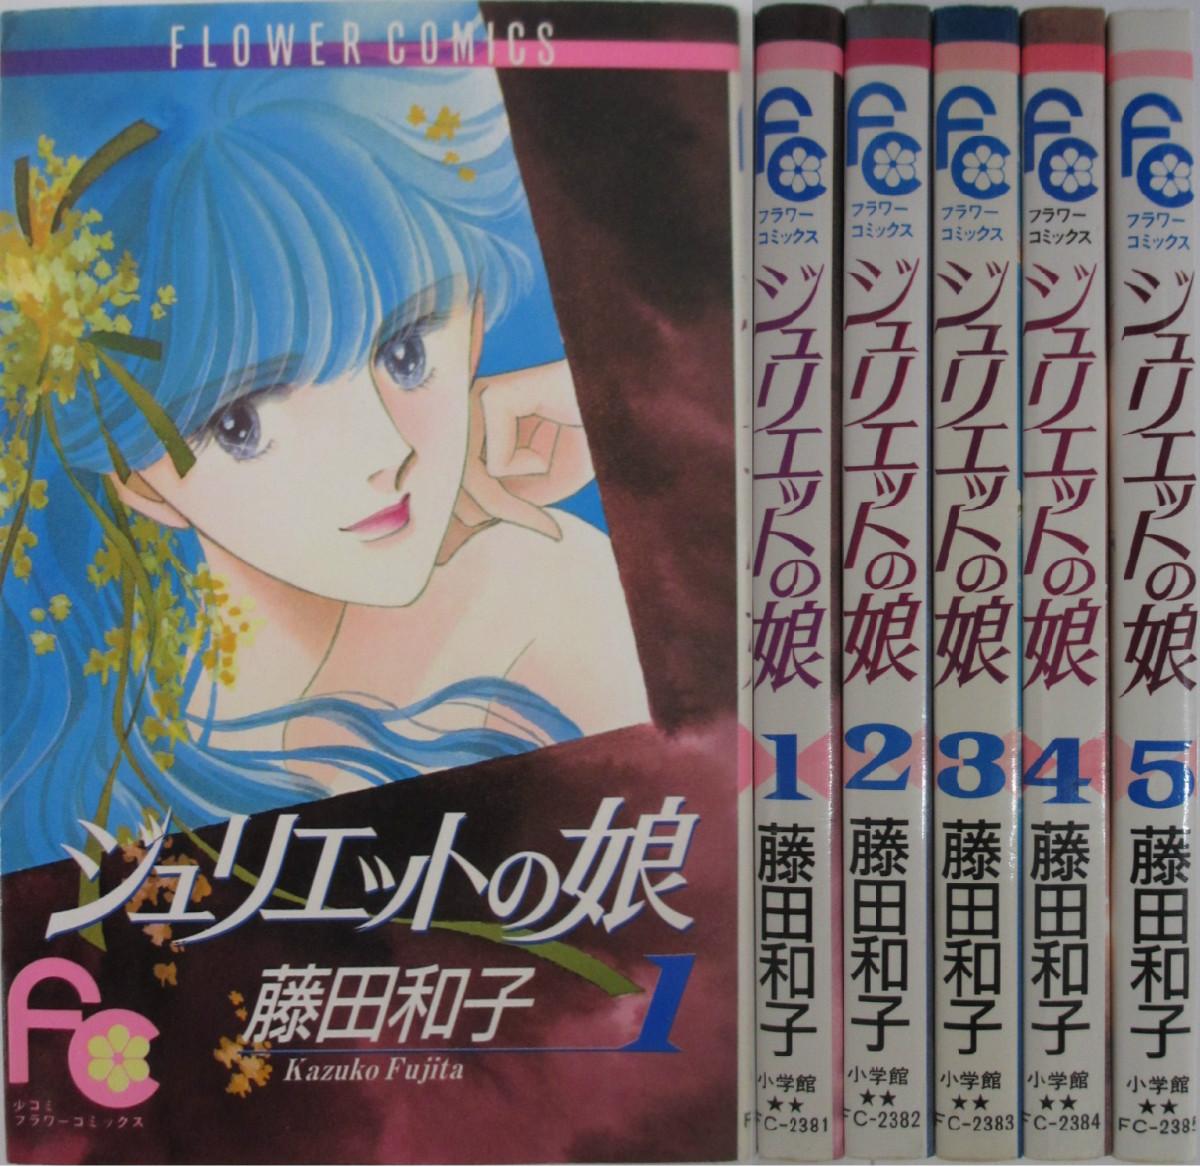 中古 ジュリエットの娘 全巻セット 新作アイテム毎日更新 1-5巻 藤田和子 卓出